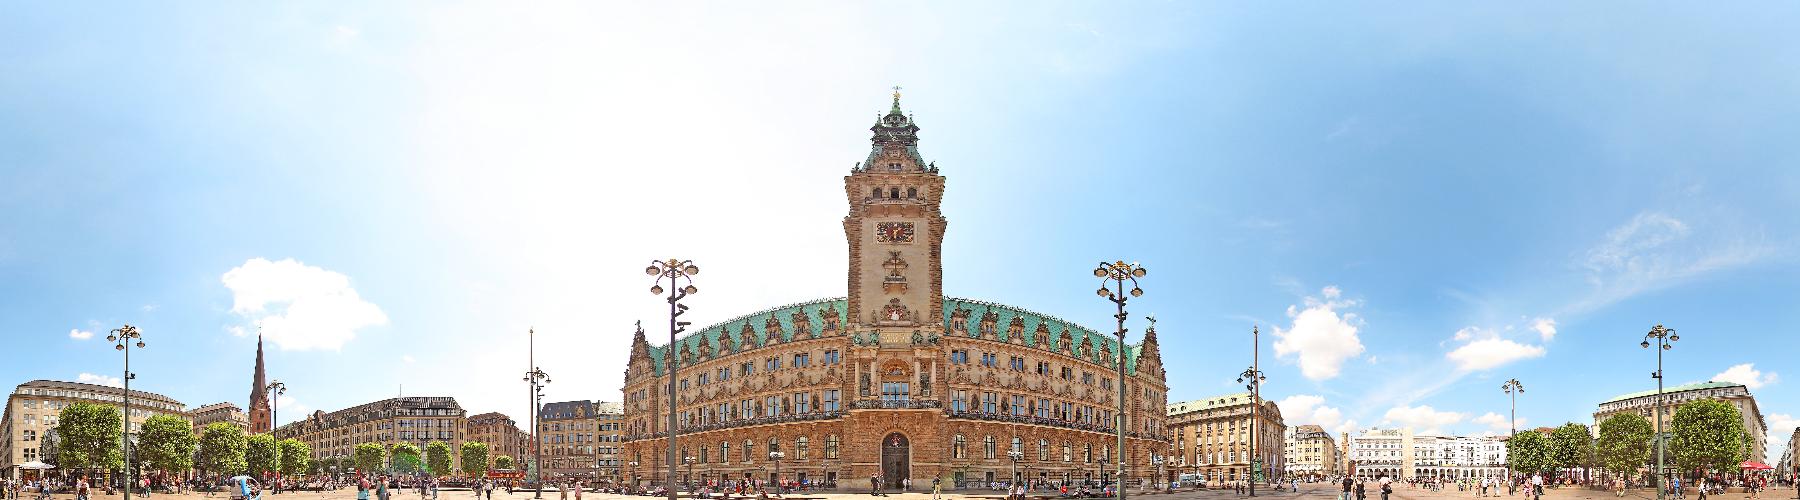 Freie und Hansestadt Hamburg cover image